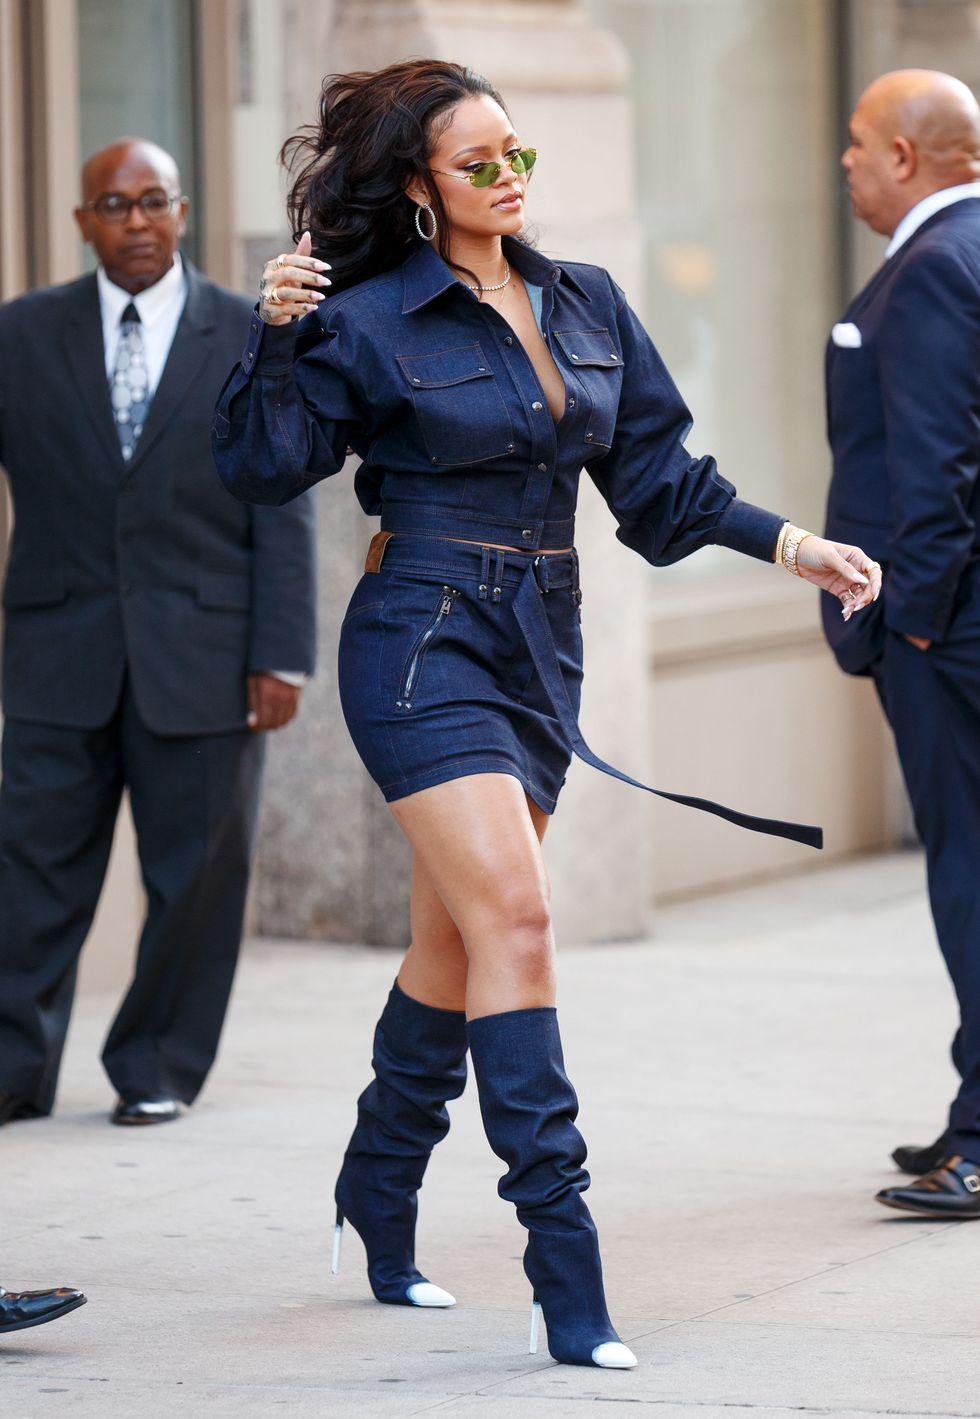 Rihanna, 2017 Để nó cho Riri lên ante. Cô ấy không dừng lại ở sự kết hợp hoàn hảo giữa áo và váy. Vui lòng lưu ý rằng đôi bốt của cô ấy cũng được làm từ denim.